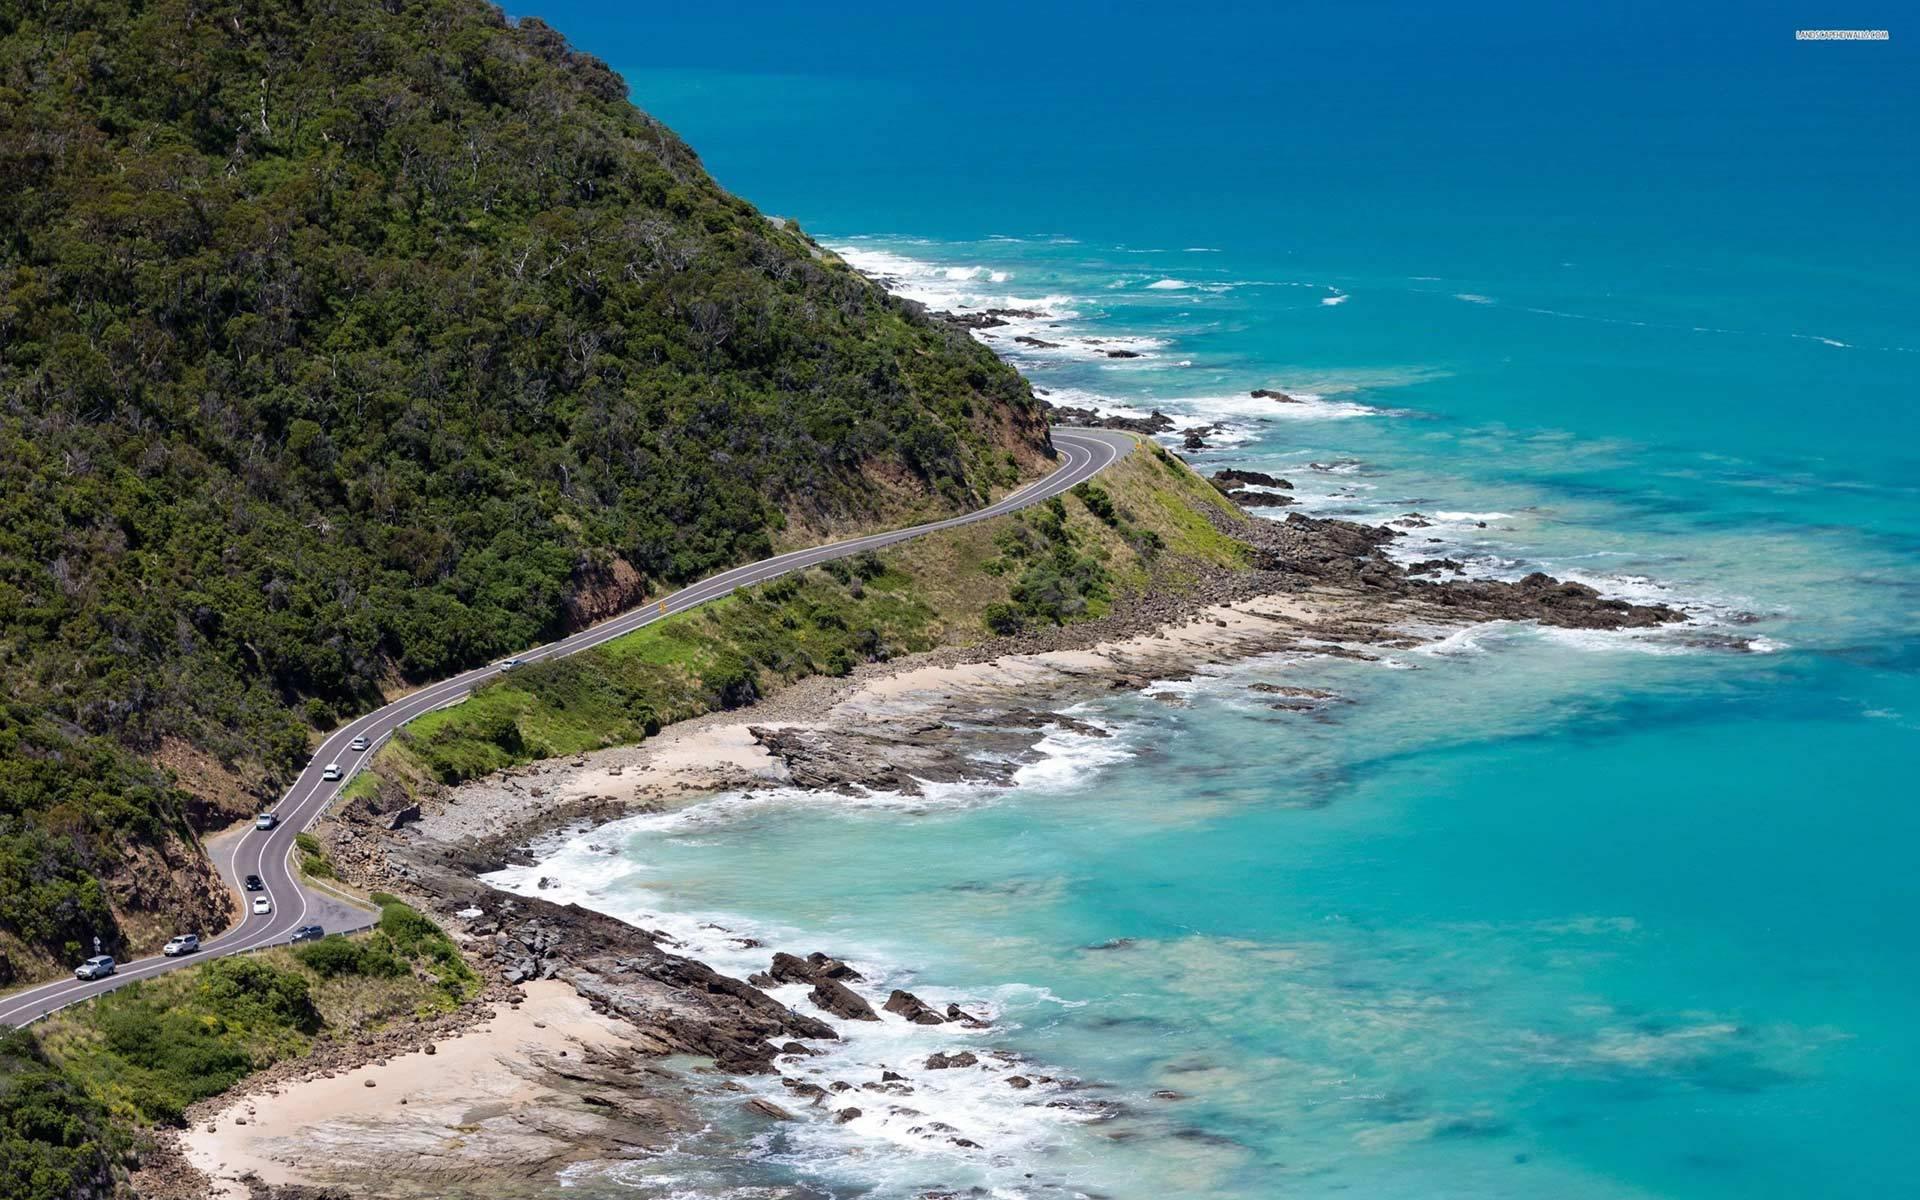 ocean-road-coast-mountain-australiaPS.jpg#asset:6712